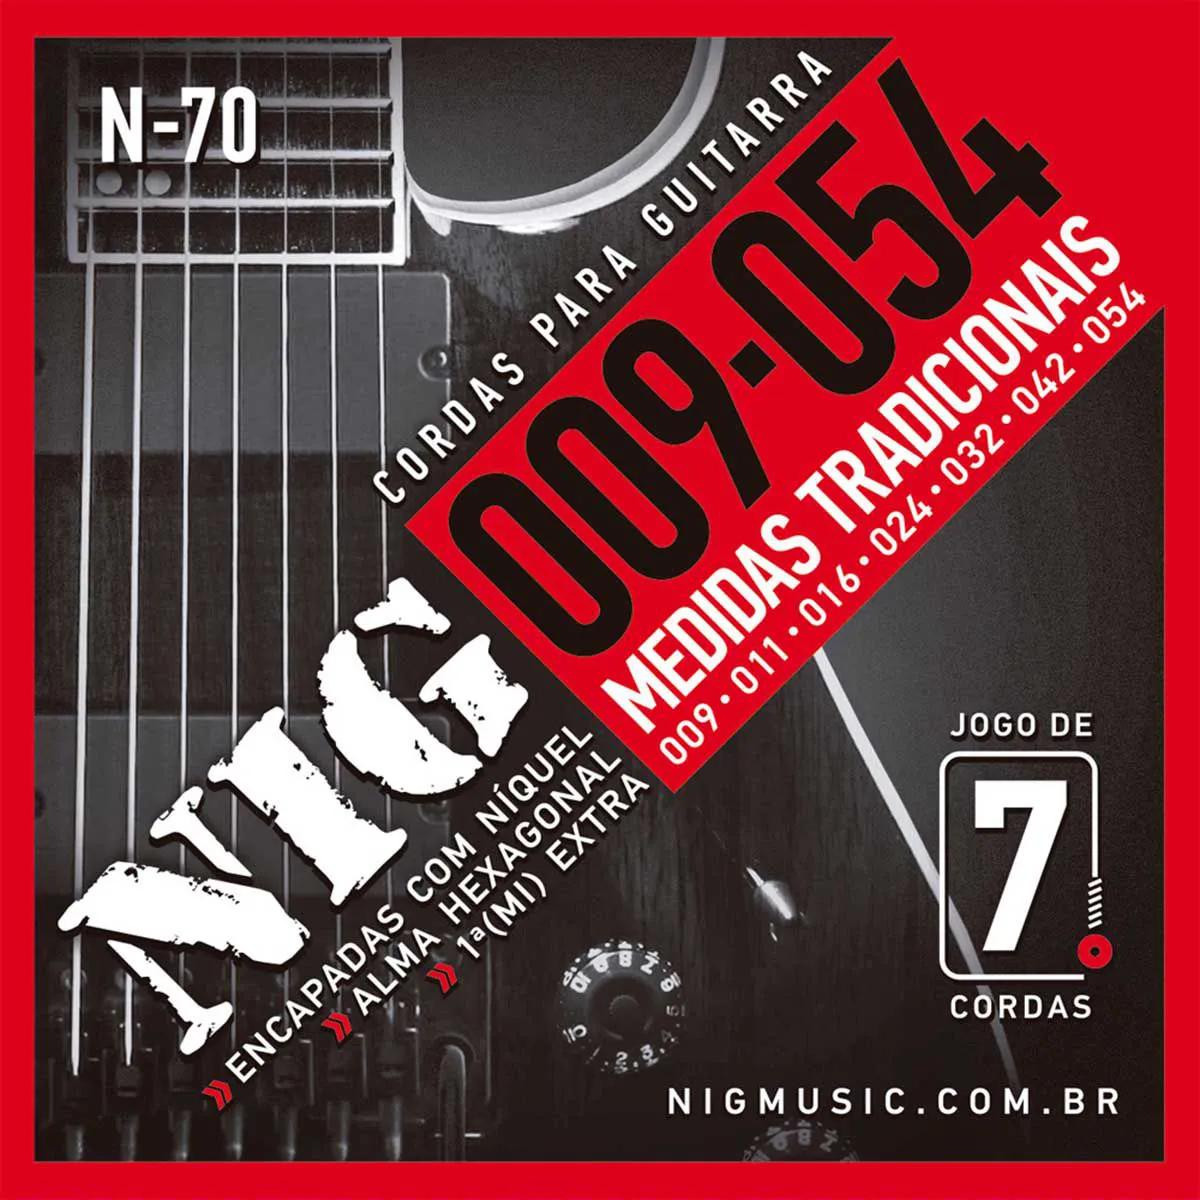 Encordoamento Nig N-70 009/054 para Guitarra Elétrica 7C